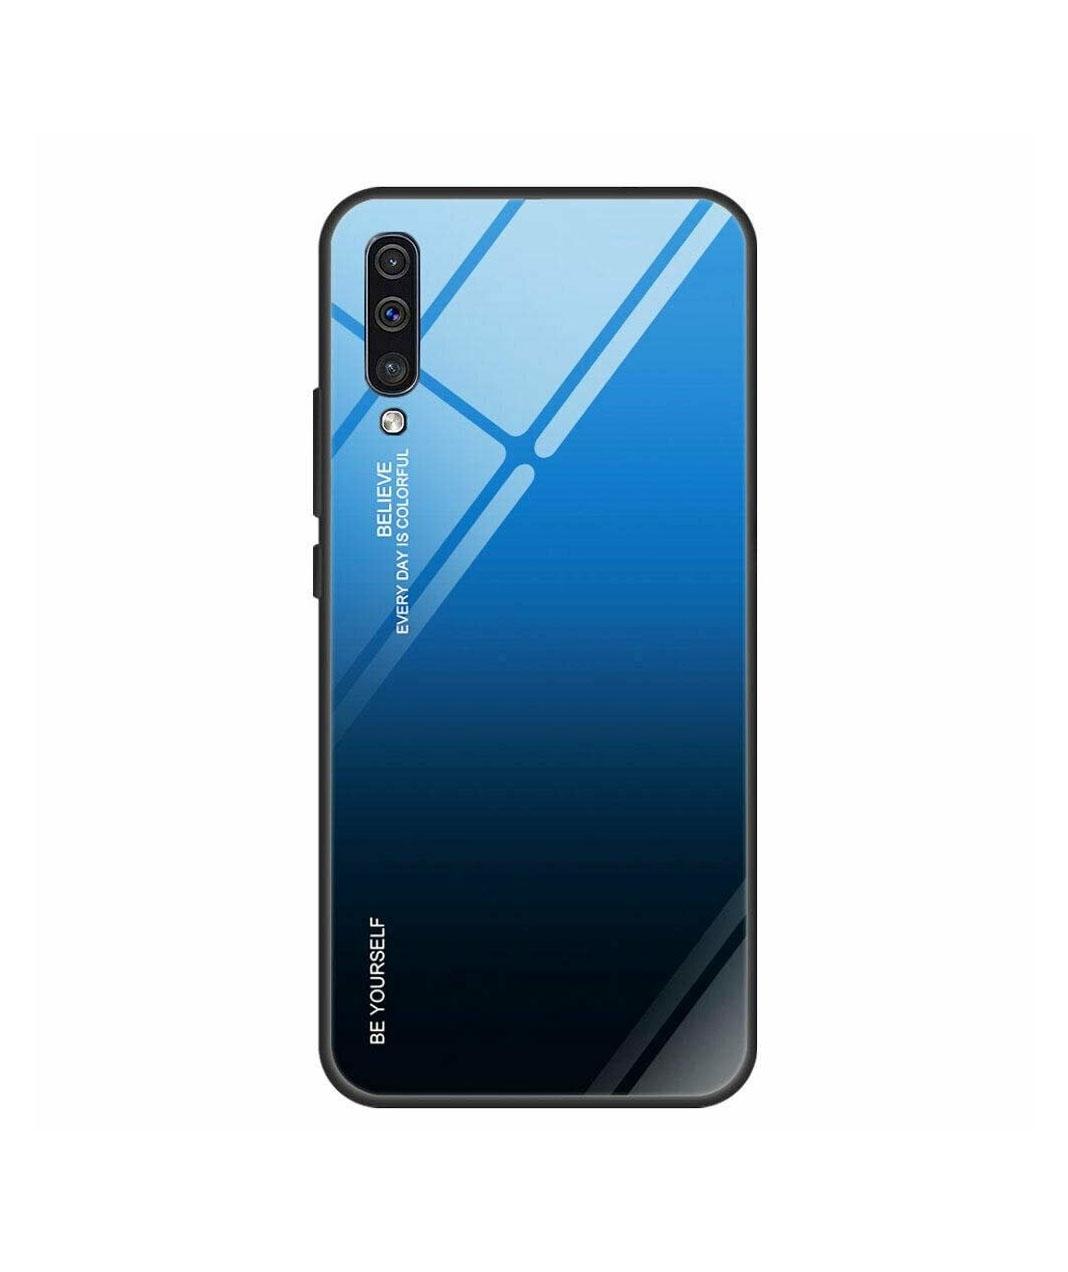 Θήκη Glass Gradient Case για Xiaomi Redmi Note 7 Black-Blue